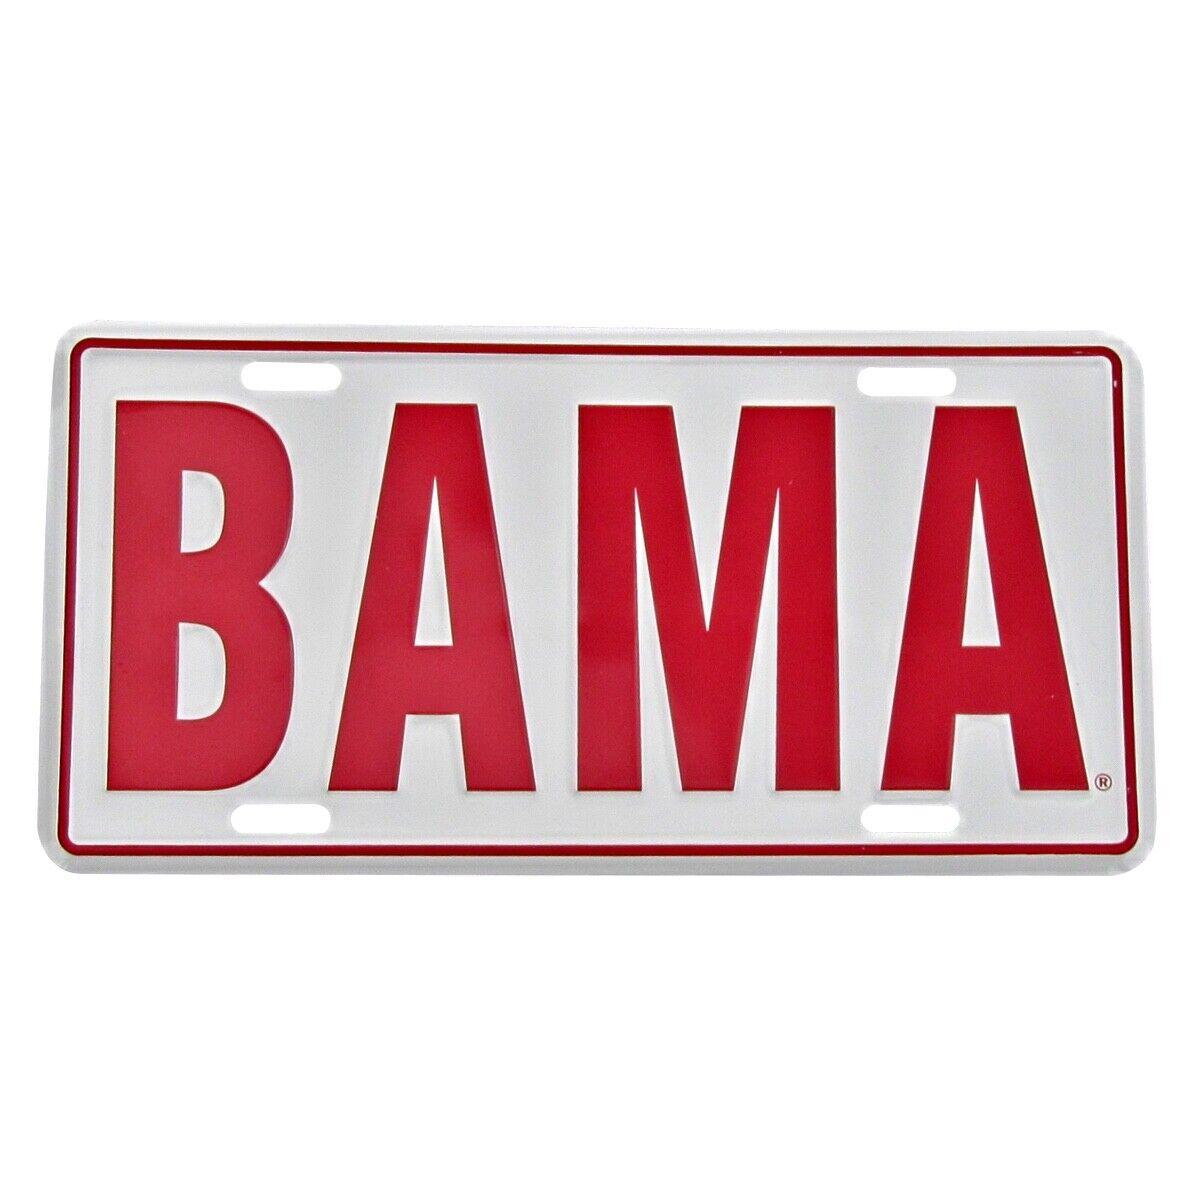 Bama aluminum license plate university of alabama crimson tide ua car truck tag